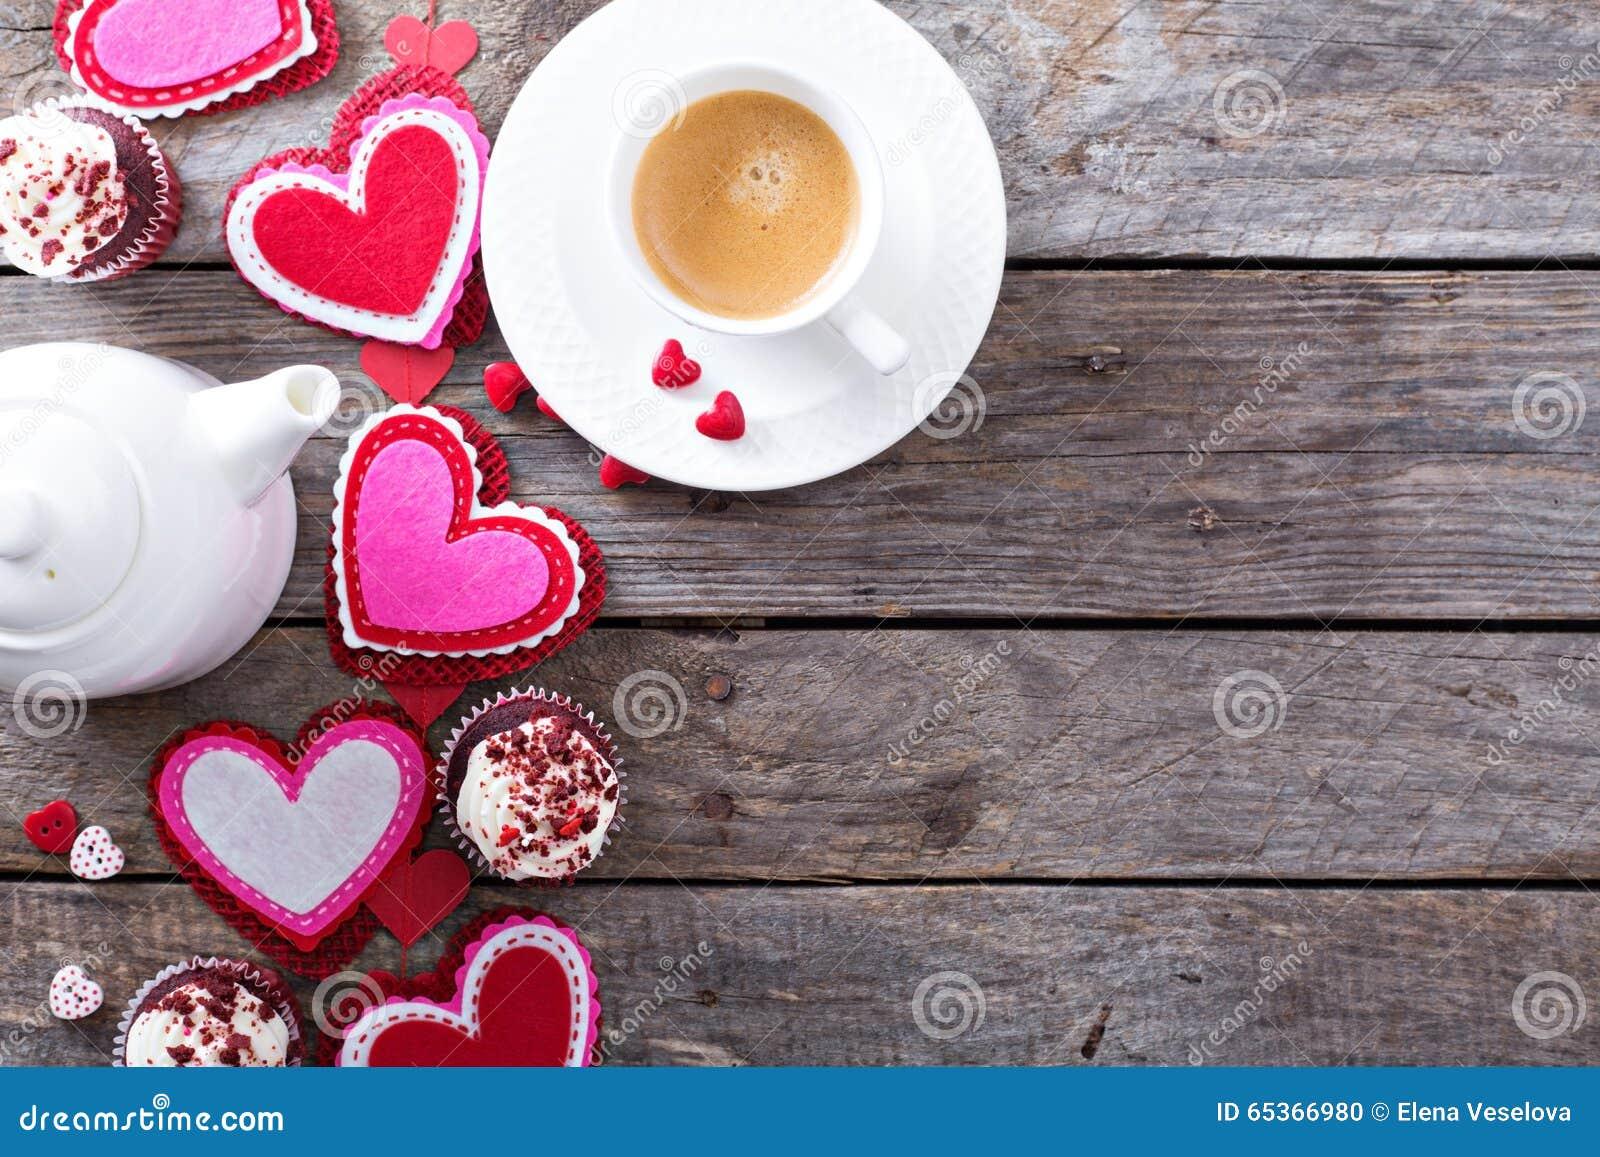 情人节咖啡和杯形蛋糕拷贝空间